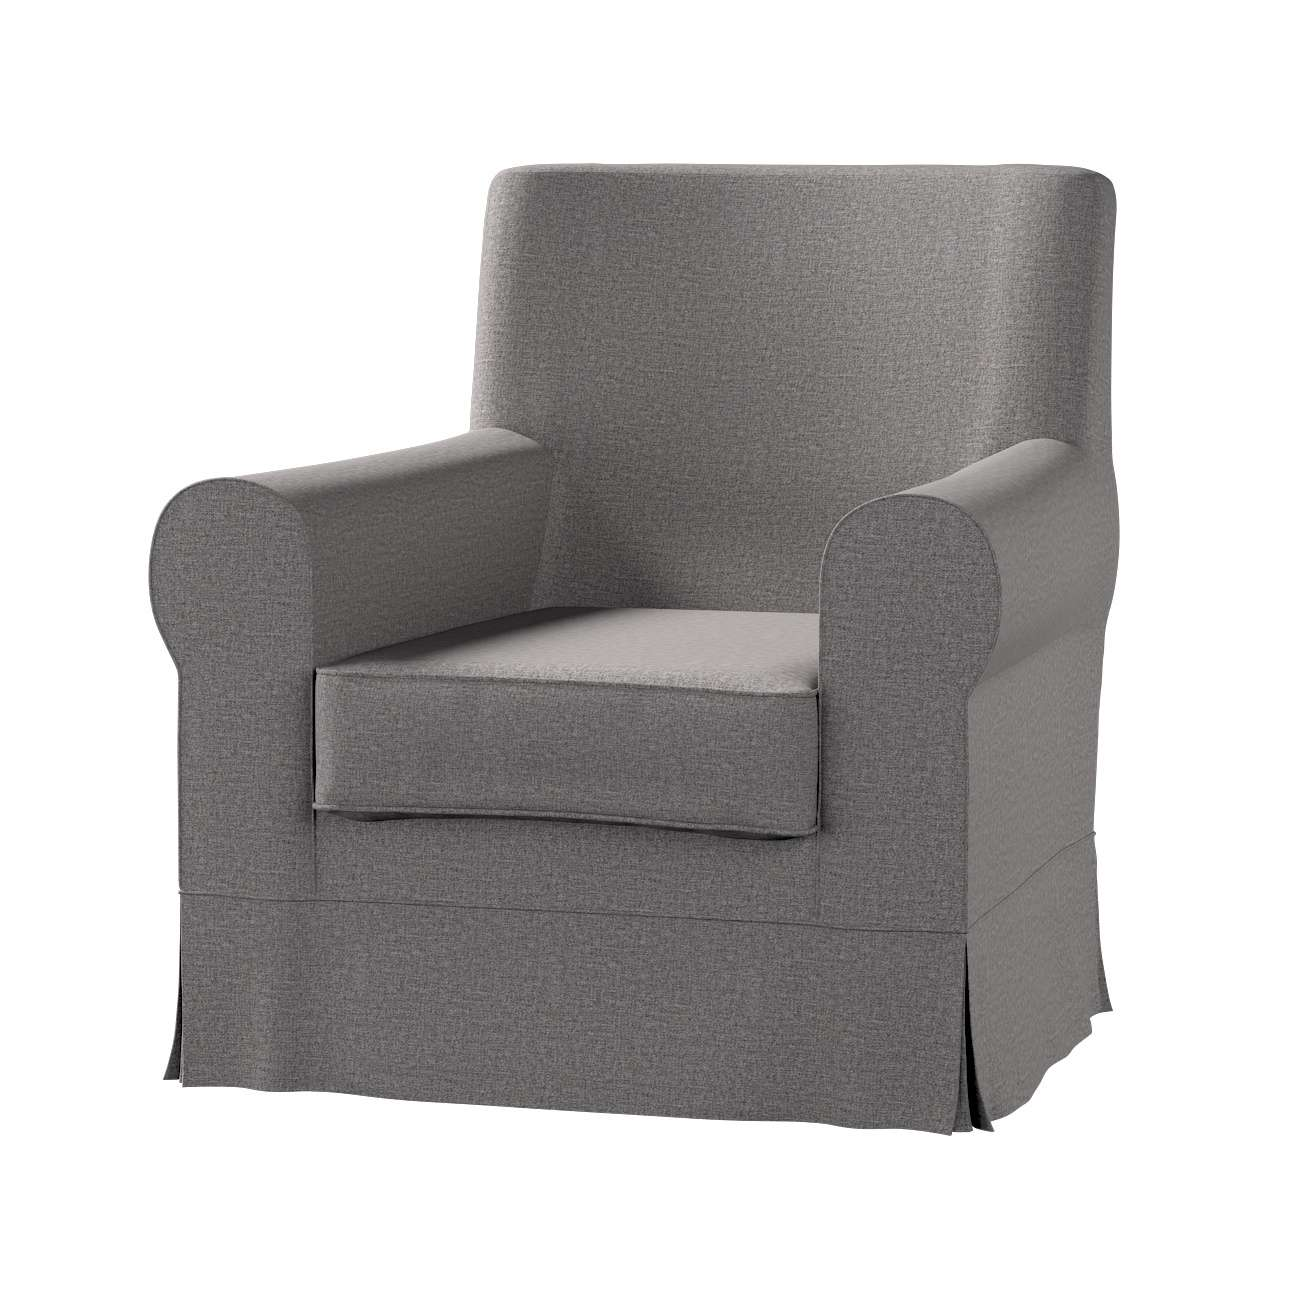 EKTORP JENNYLUND fotelio užvalkalas Ektorp Jennylund fotelio užvalkalas kolekcijoje Edinburgh , audinys: 115-81